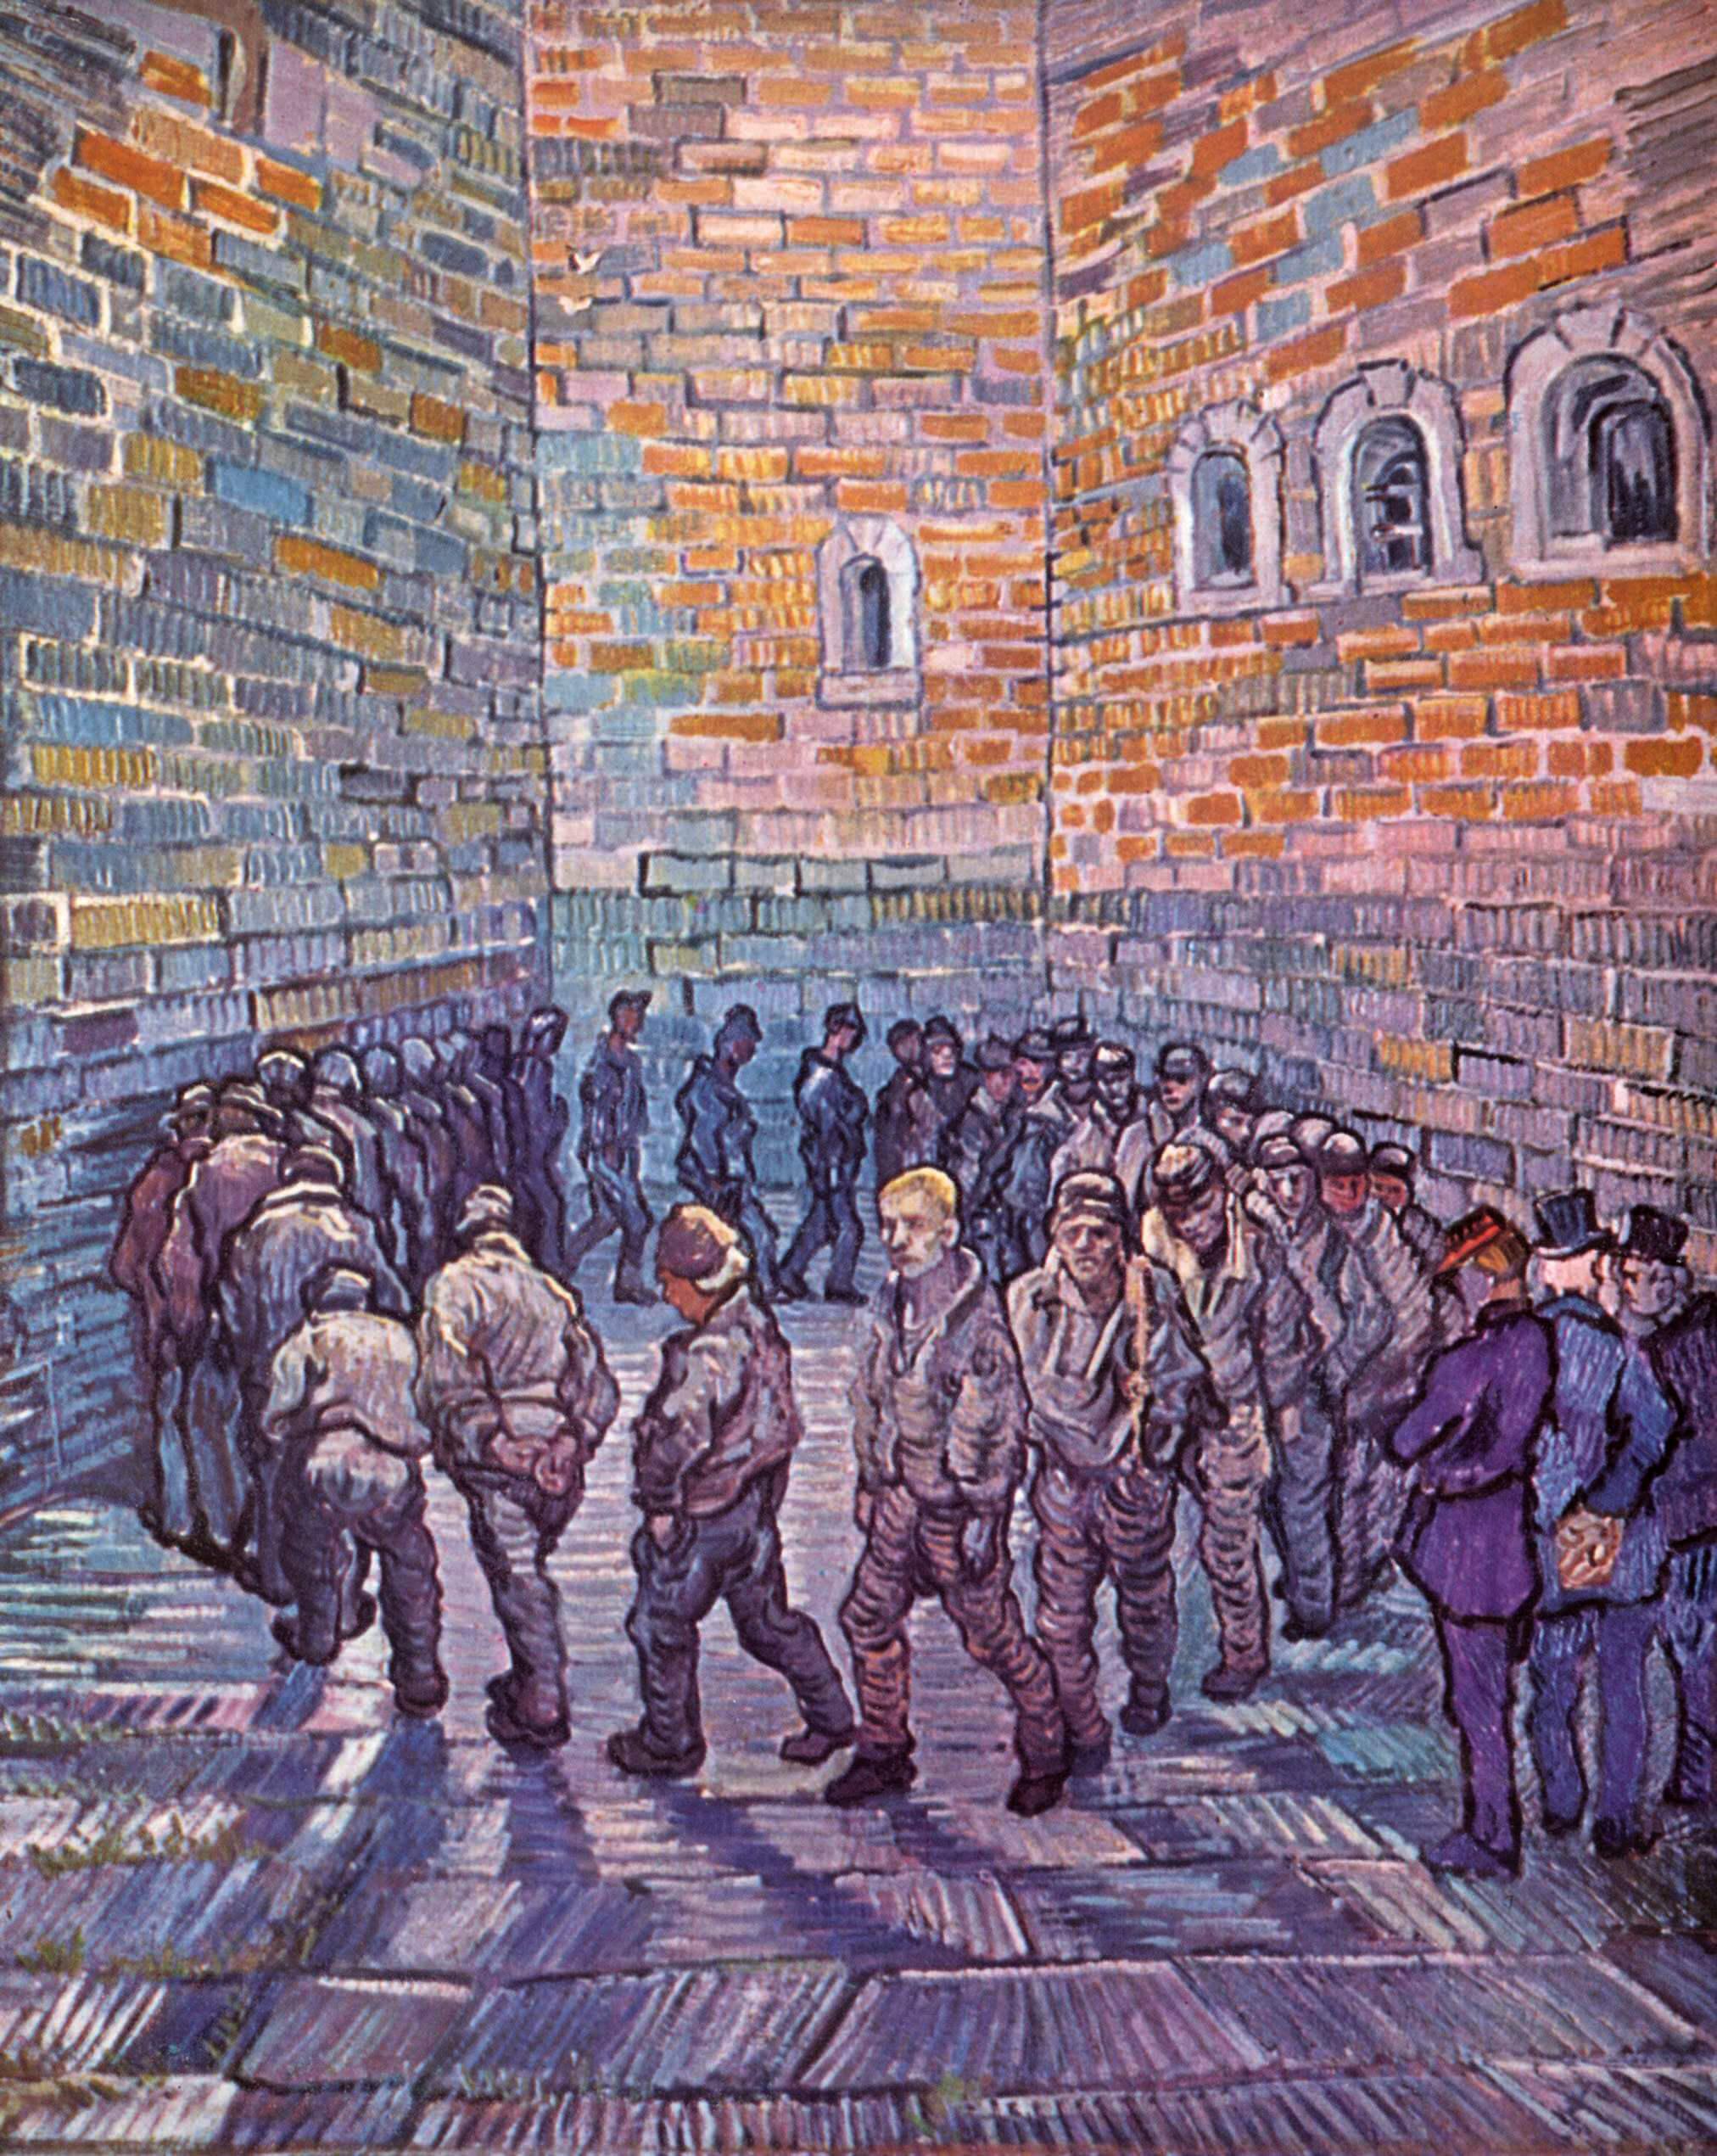 Vincent_van_Gogh_037-large